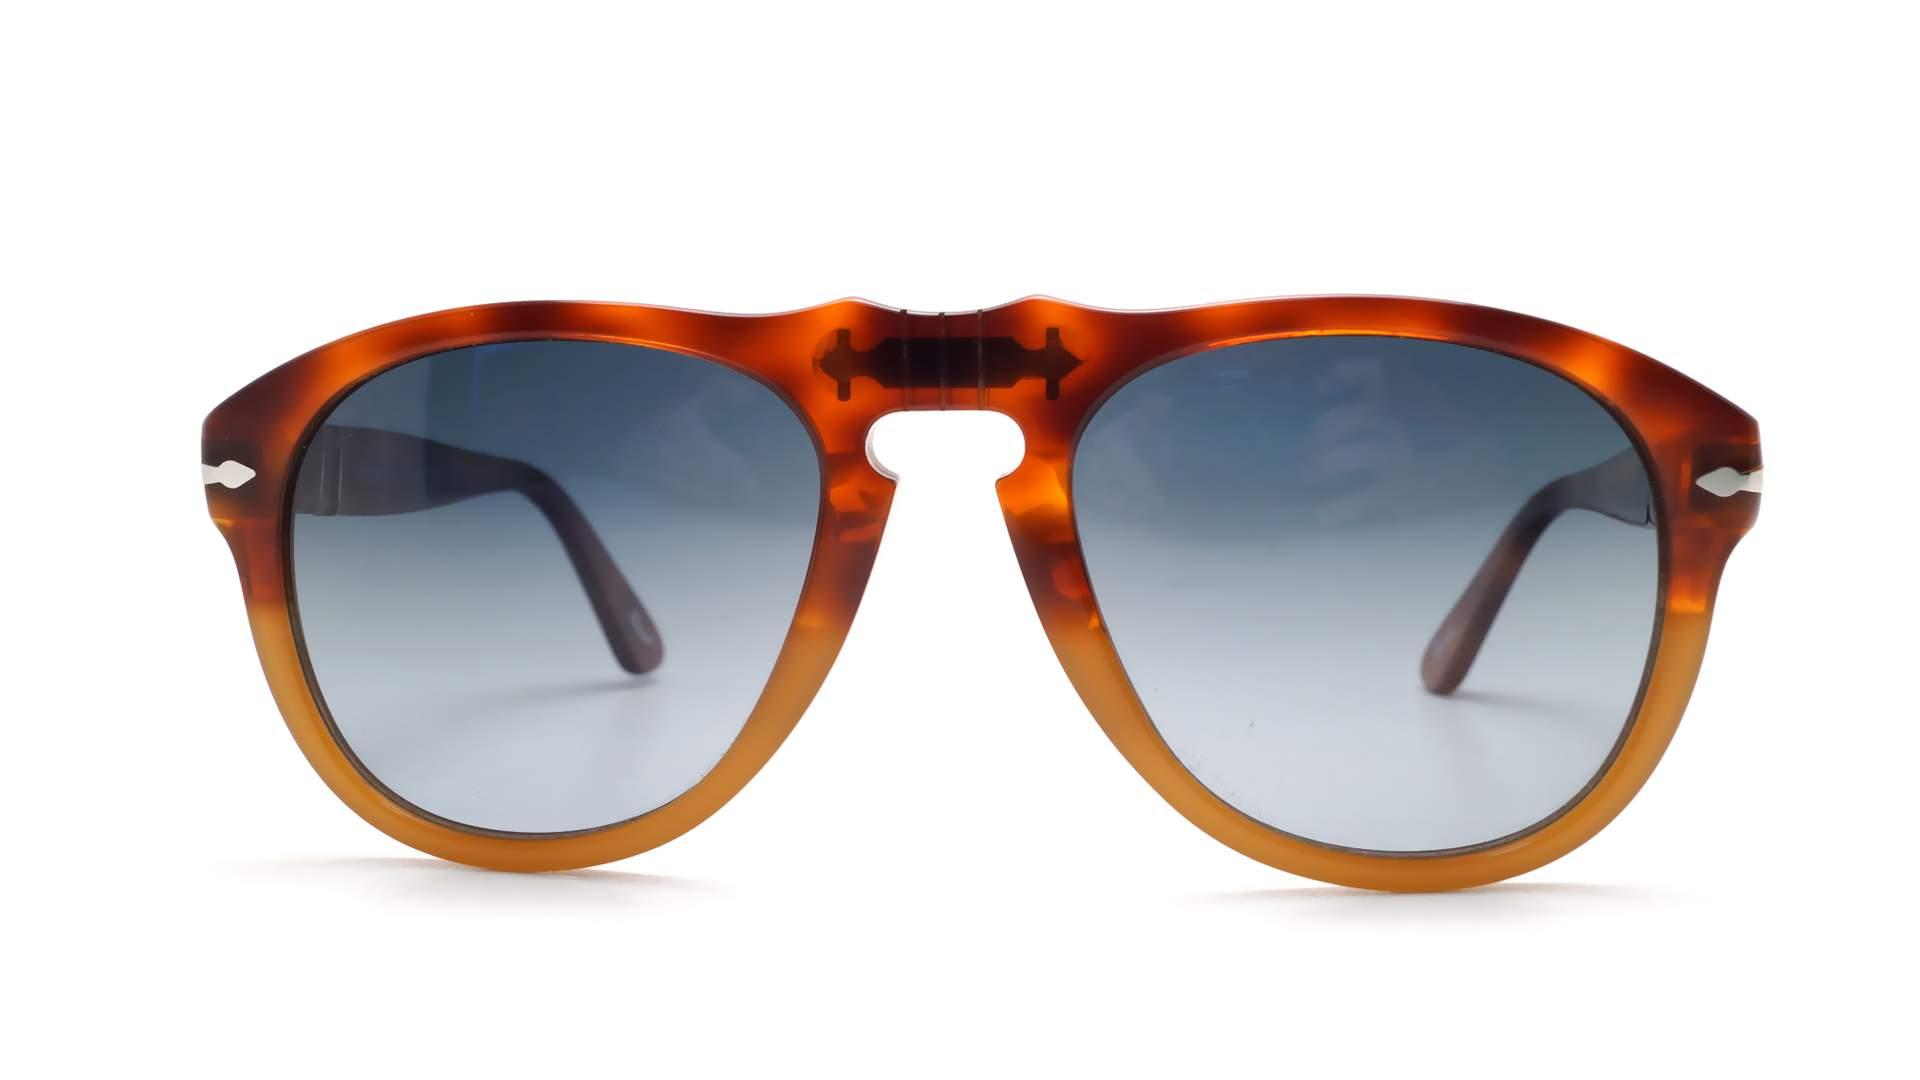 16dcfac44d Sunglasses Persol PO0649 1025 S3 54-20 medium Resina e Sale Tortoise  Polarized